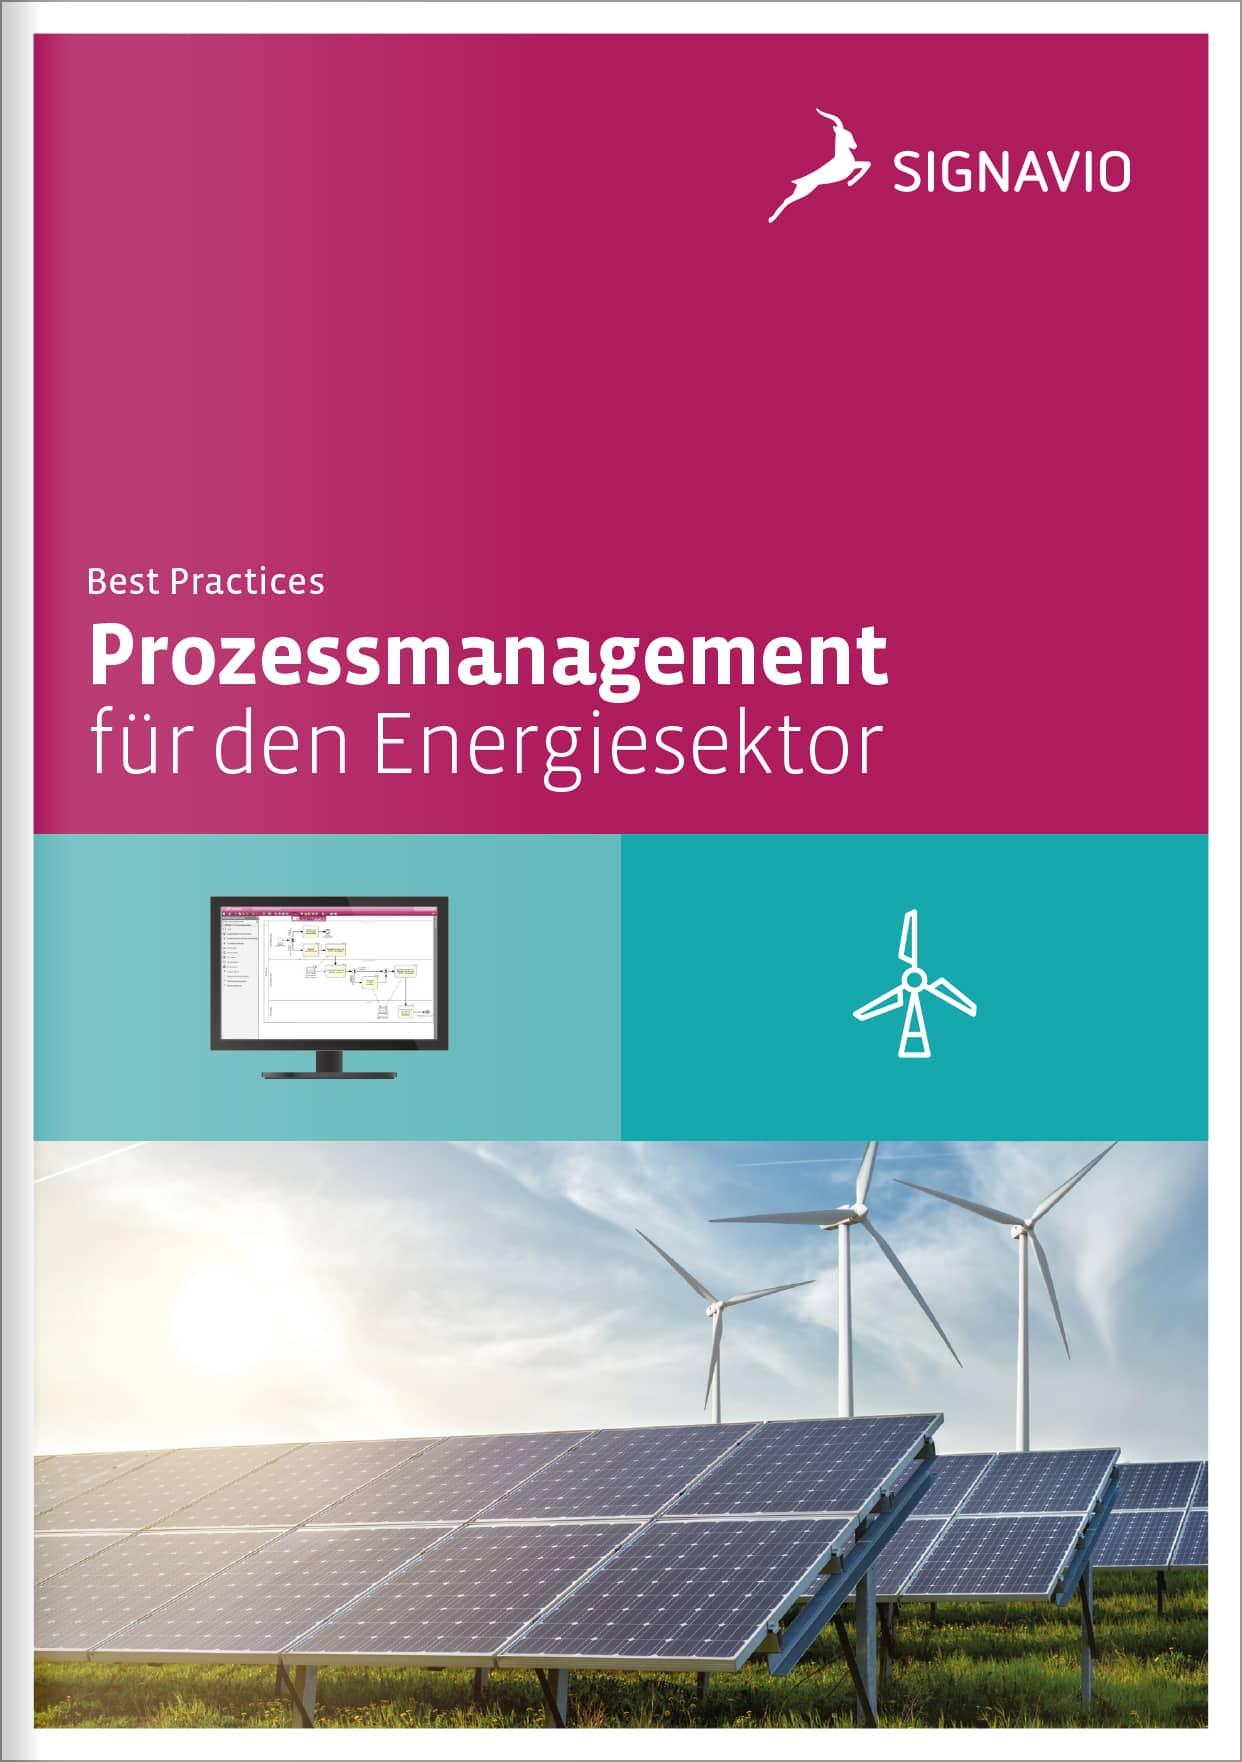 Best Practices: Prozessmanagement für den Energiesektor